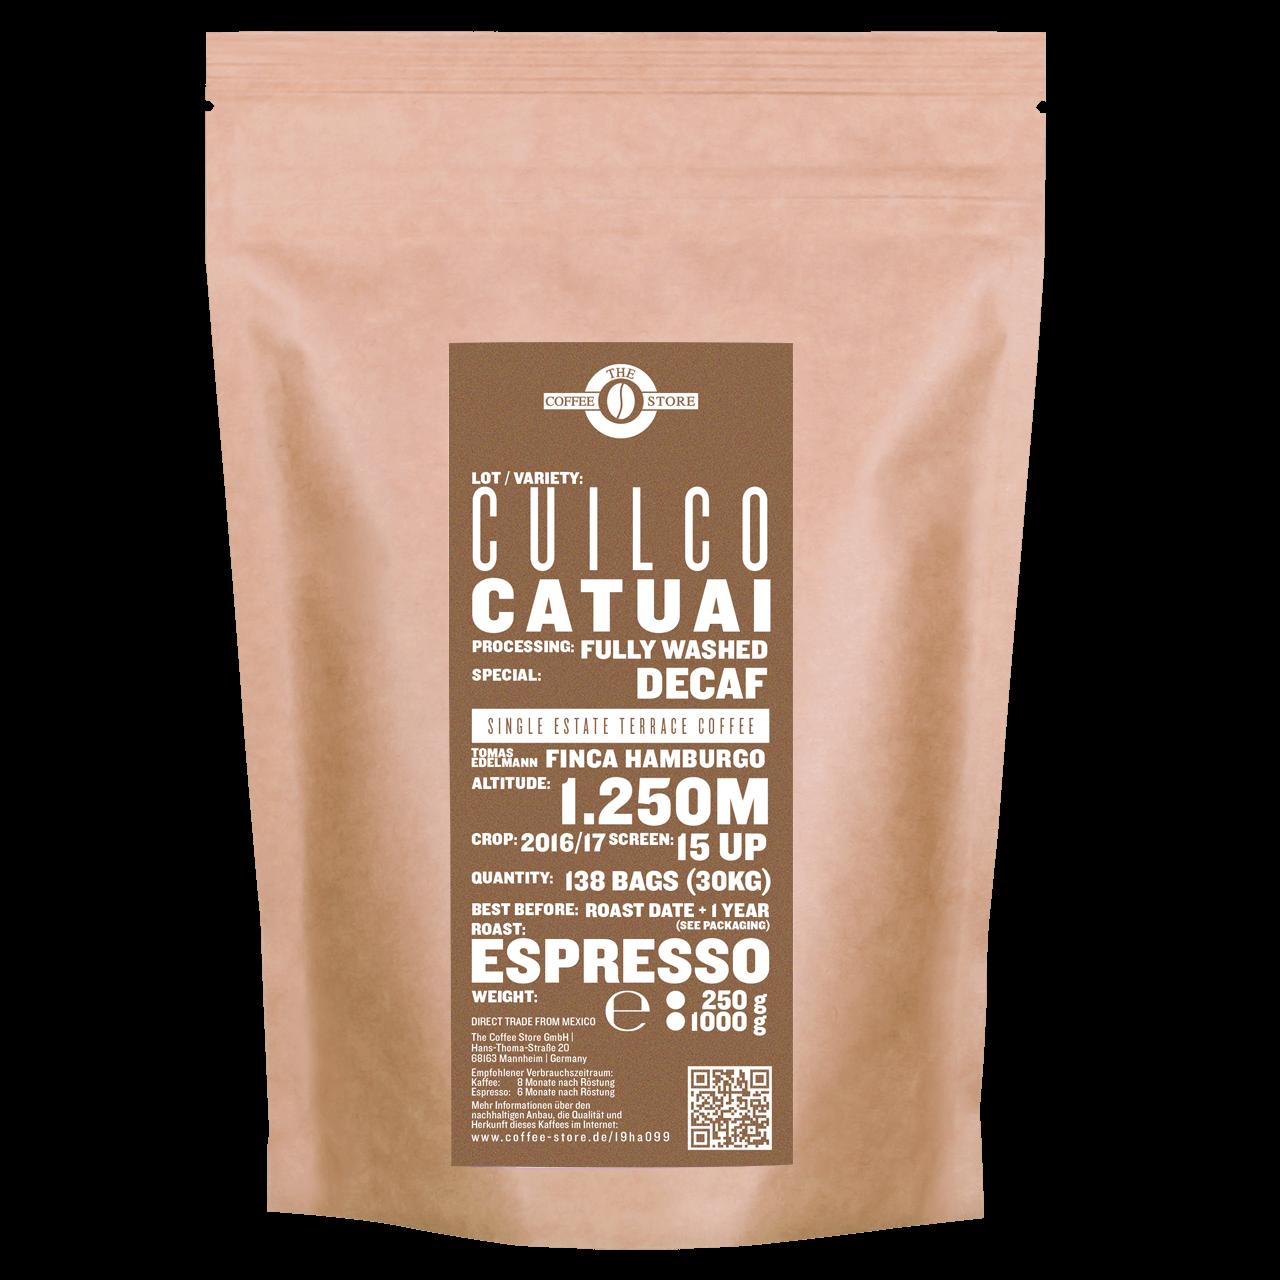 Eine Tüte gerösteter Kaffee von The Coffee Store. Decaf Espressoröstung Varietät Catuai.